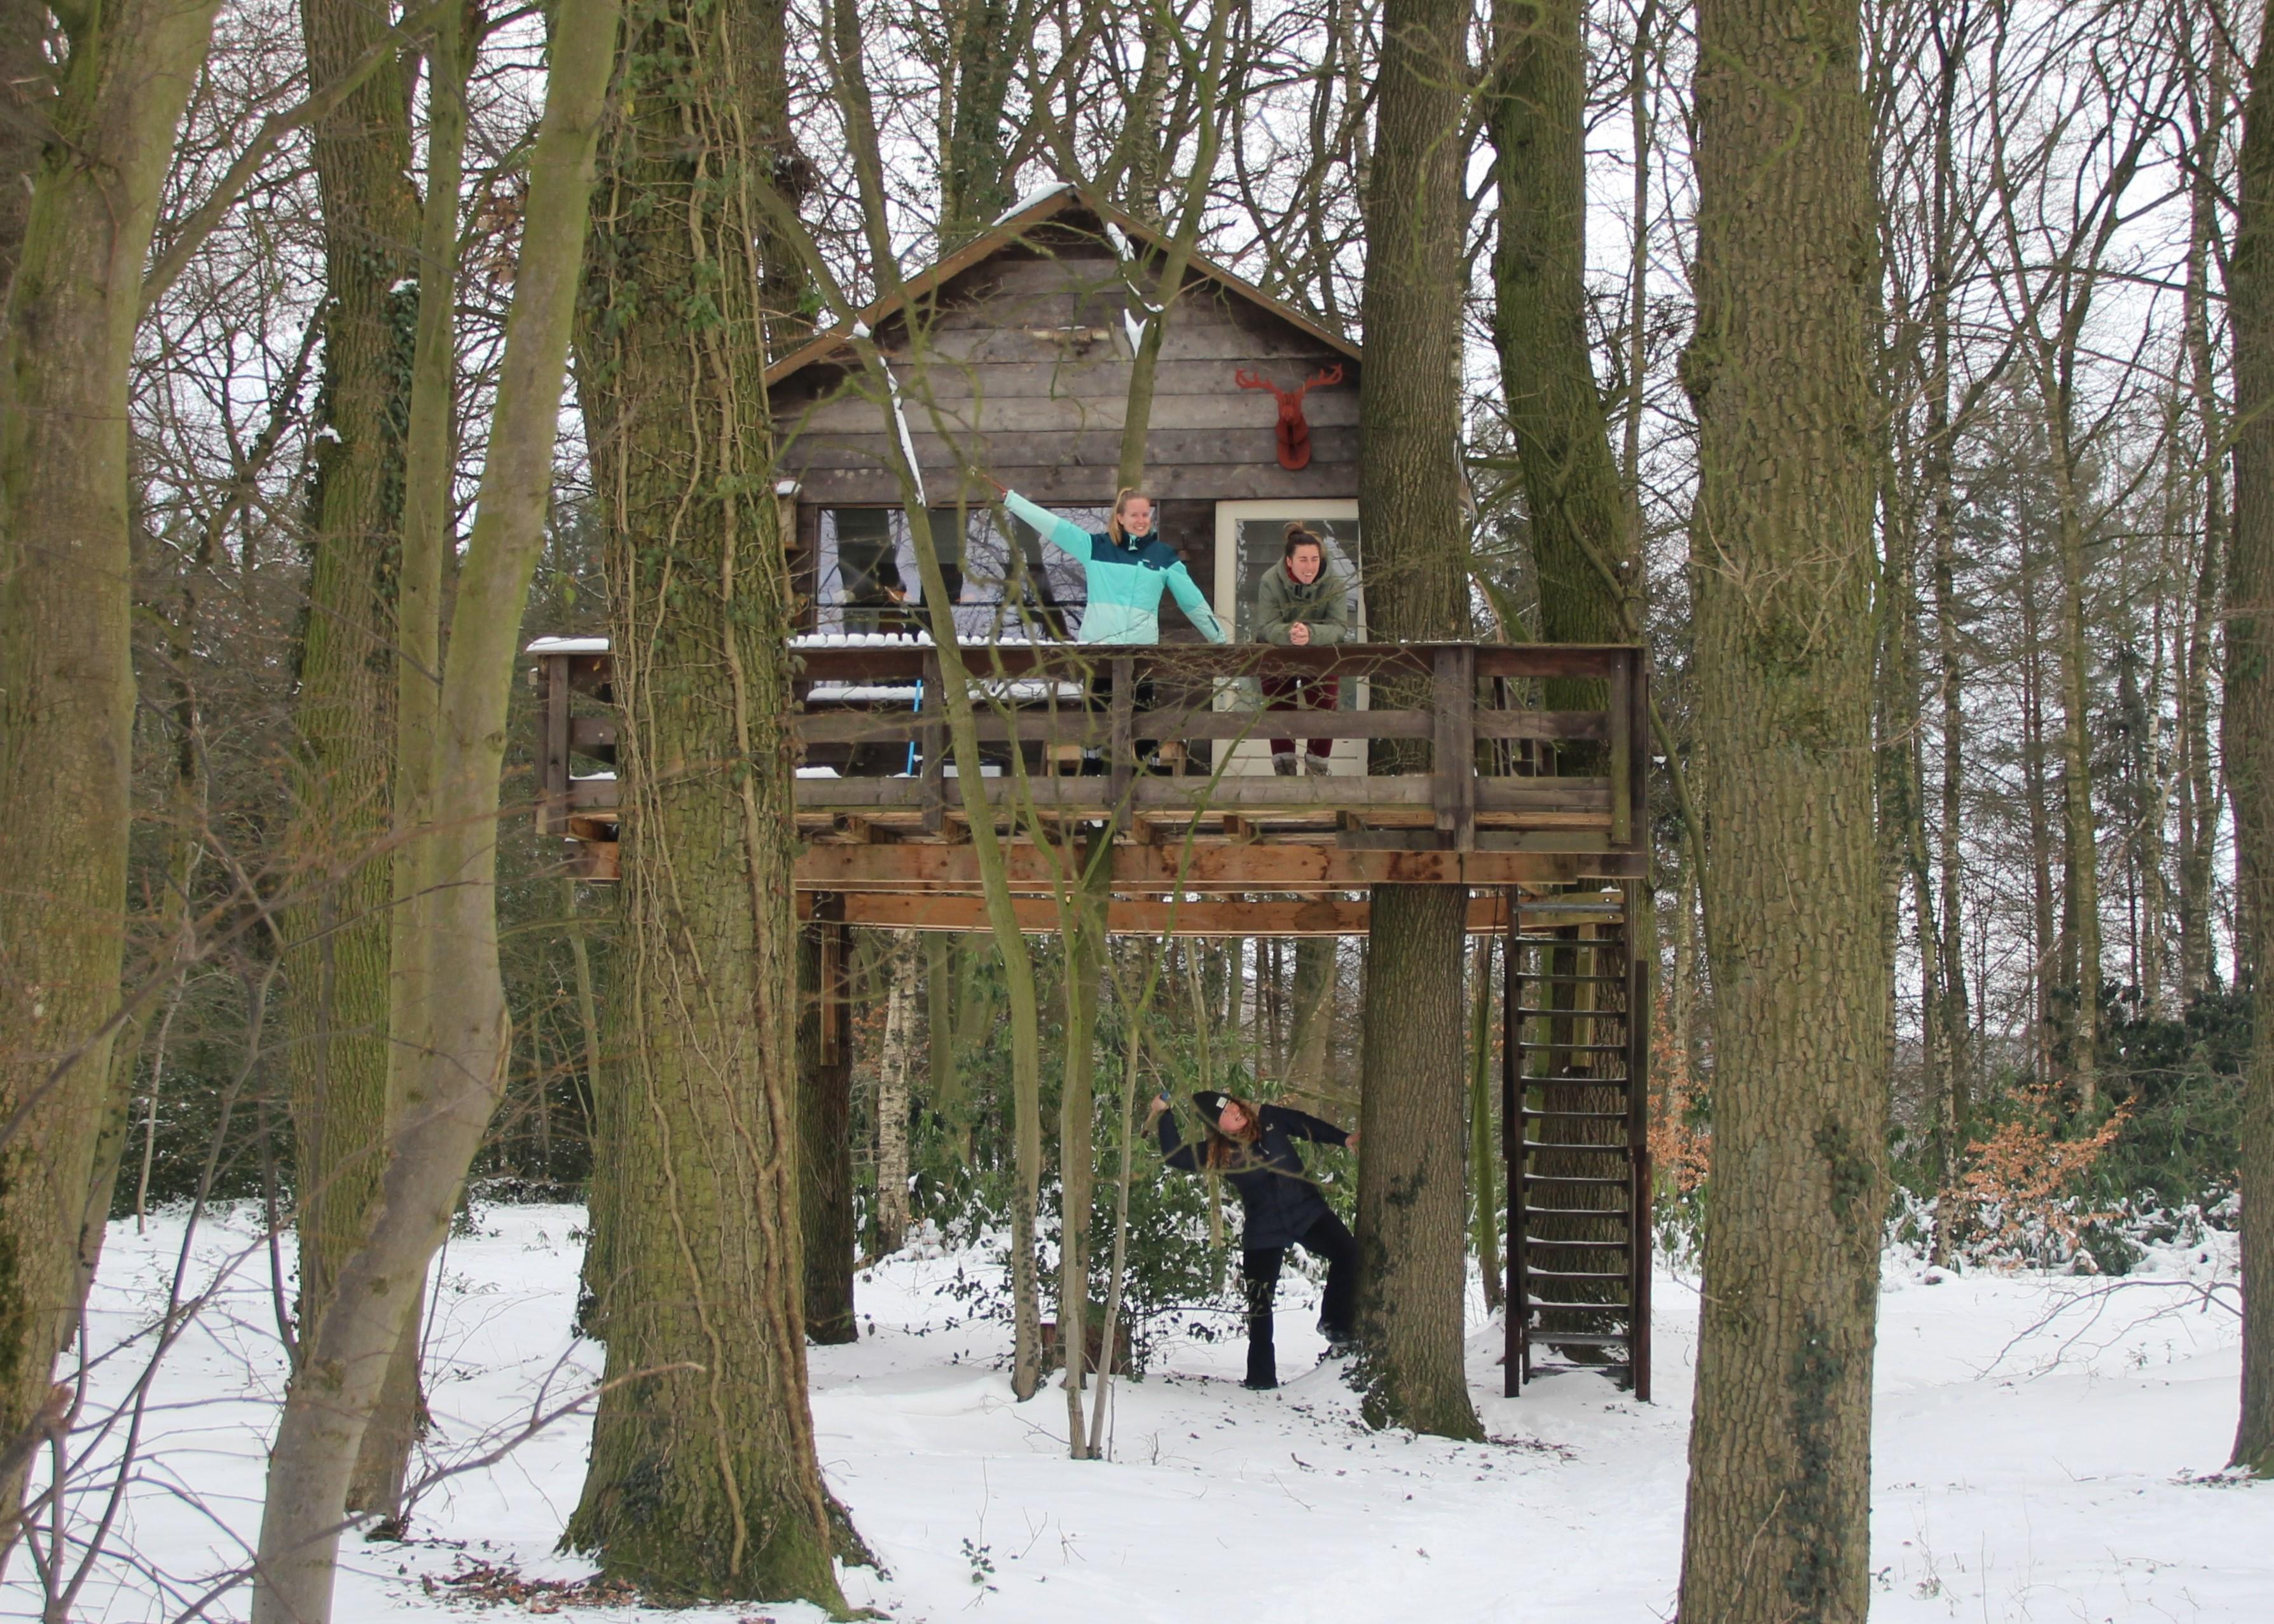 Overnachten in een boomhut in Twente